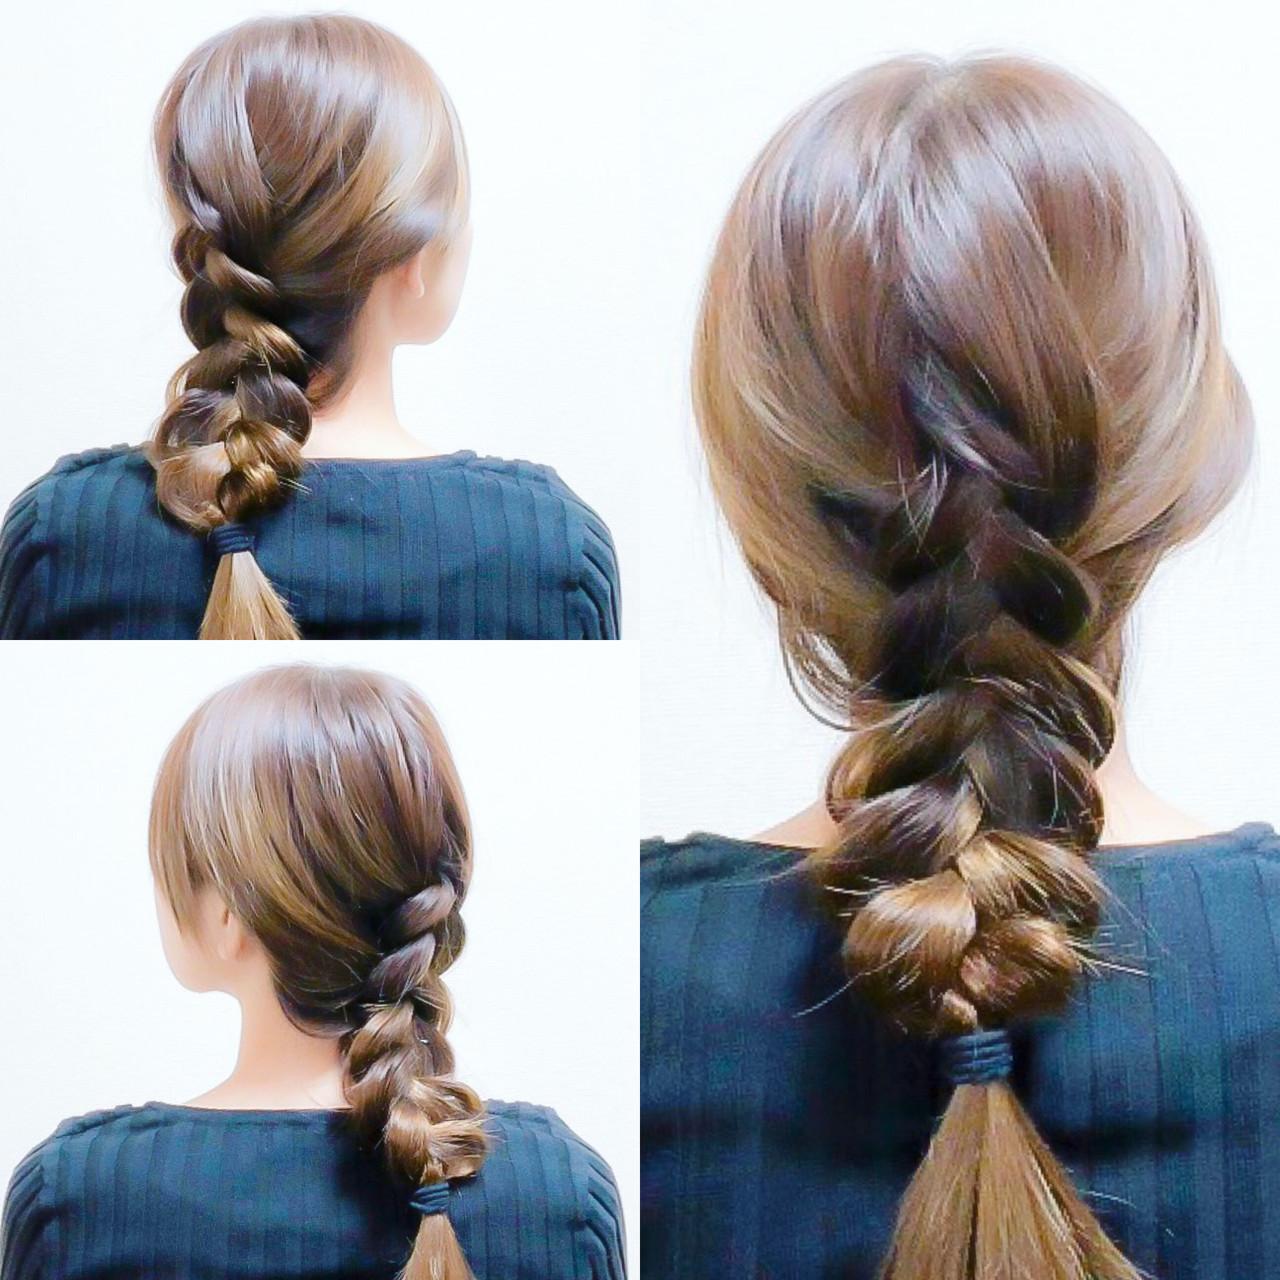 セルフヘアアレンジ フェミニン ロング ヘアアレンジ ヘアスタイルや髪型の写真・画像